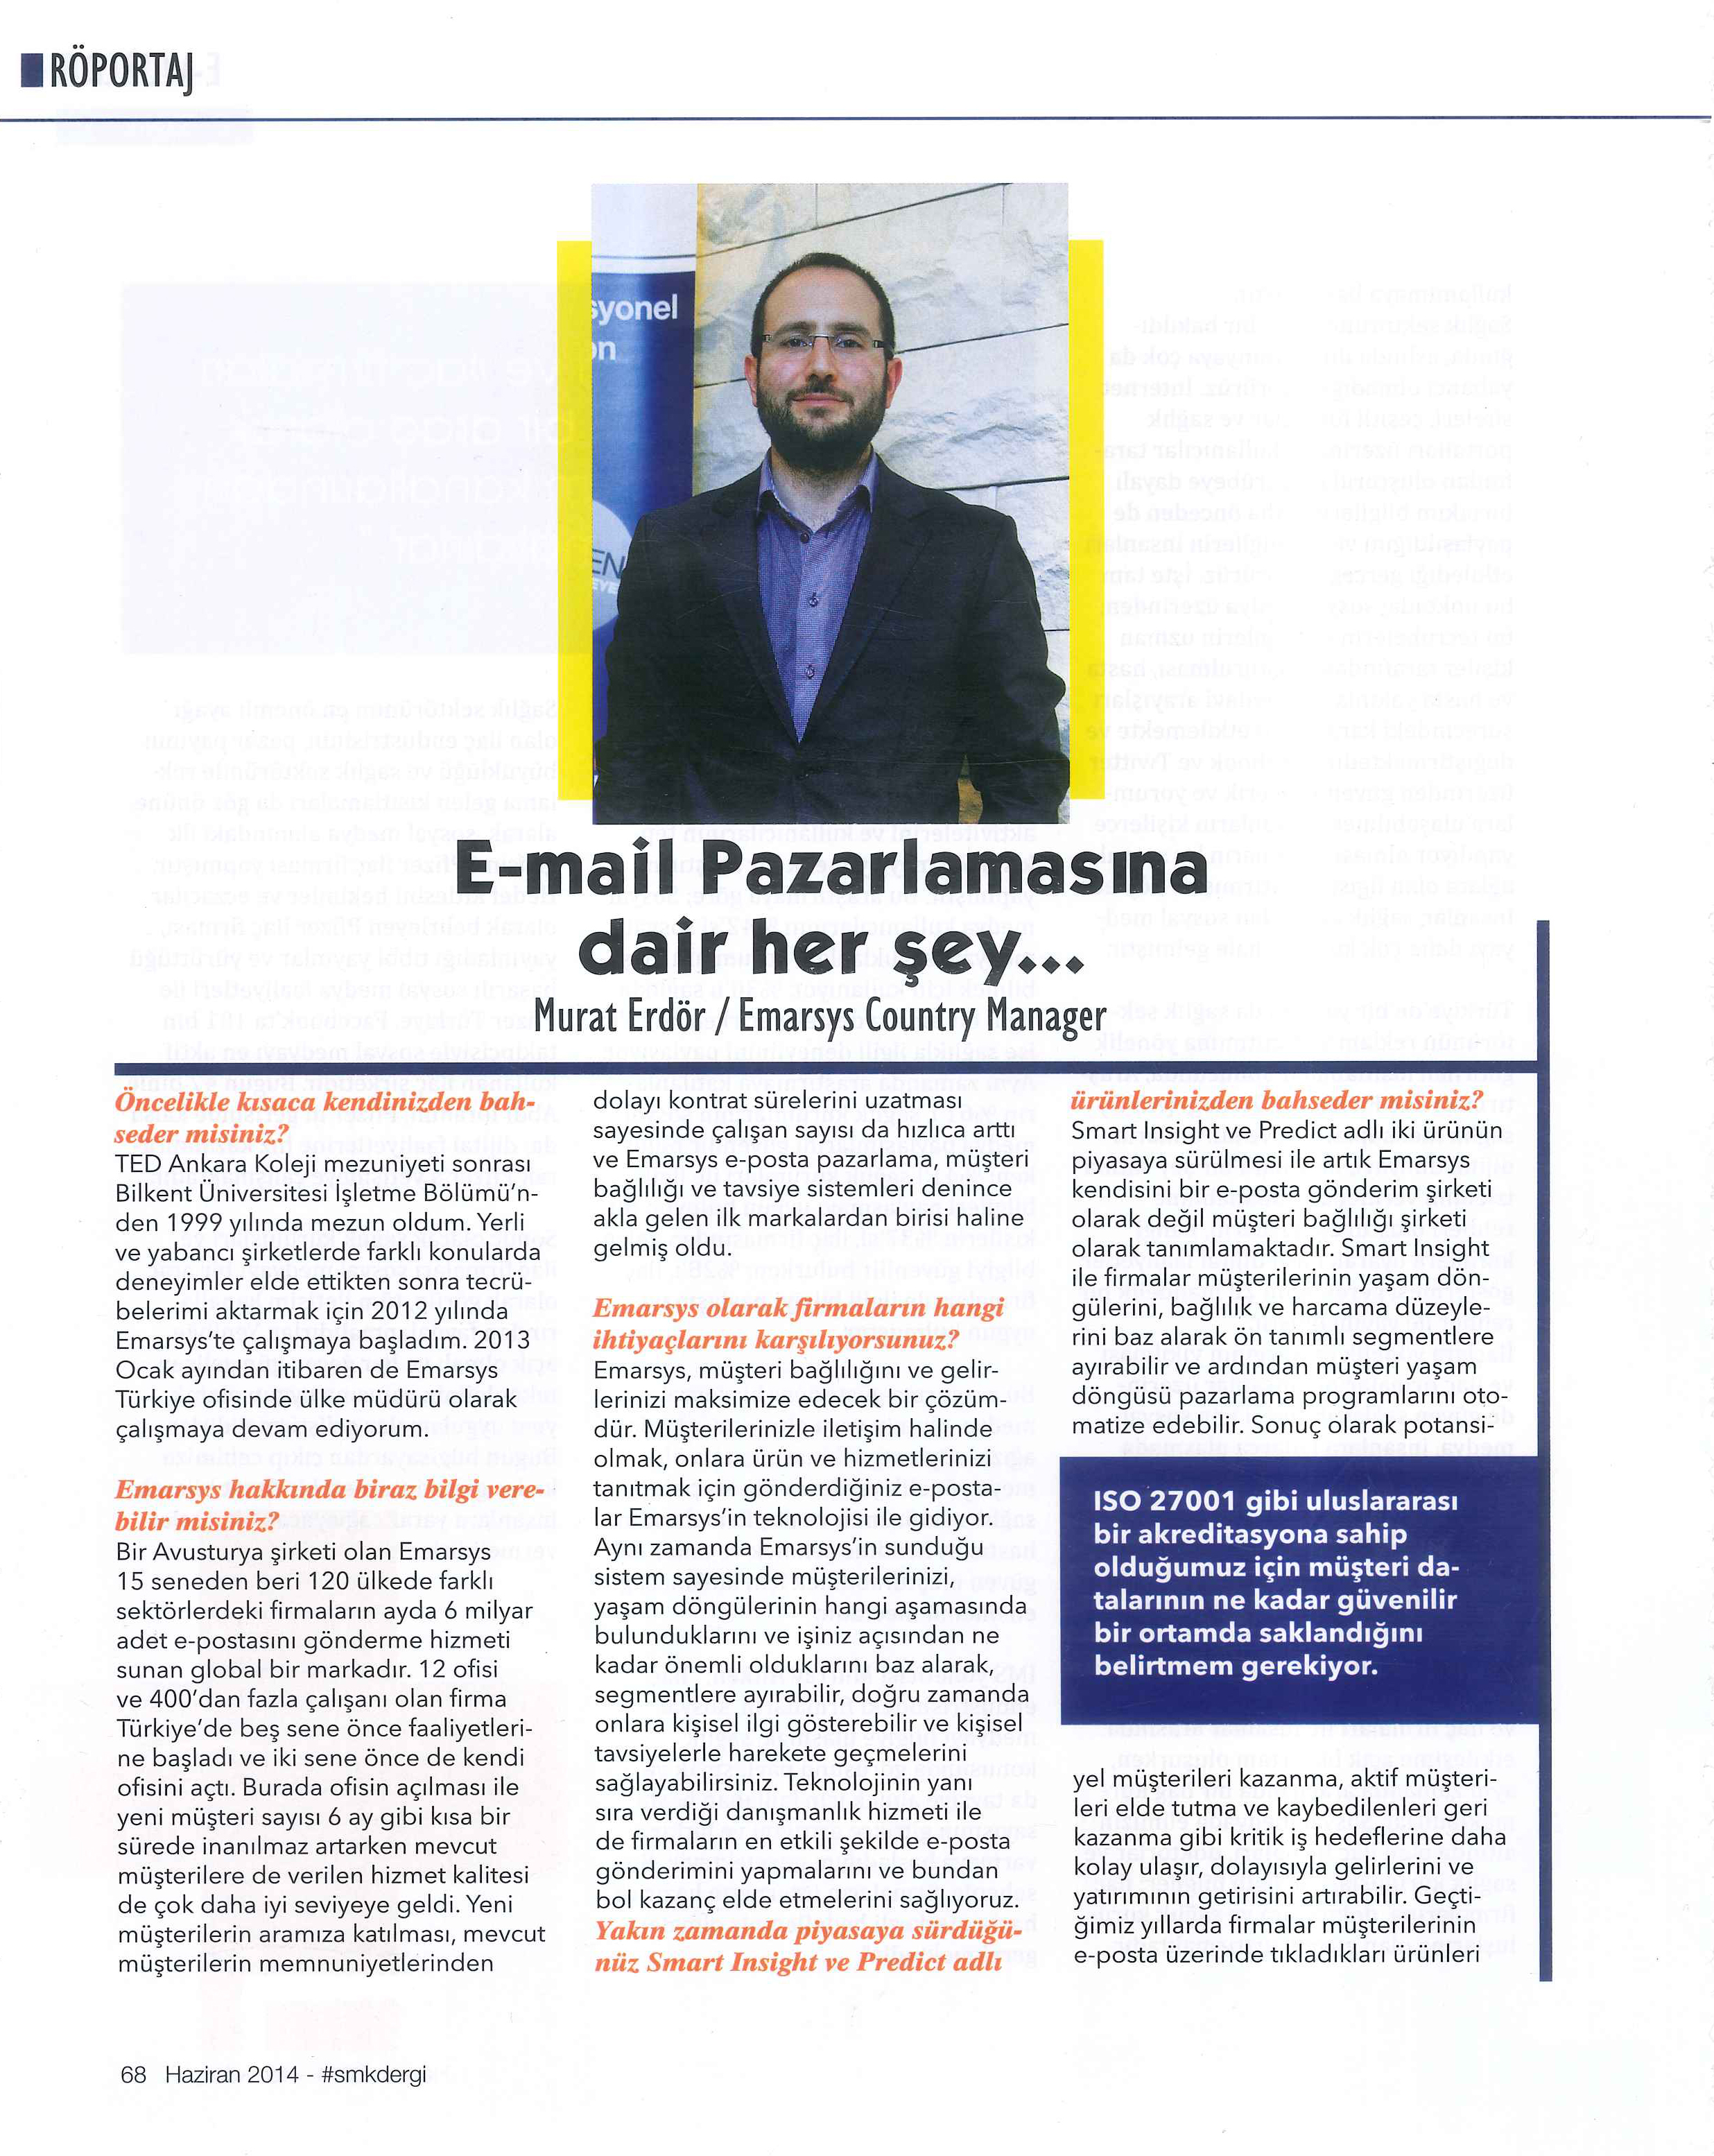 70 - Sosyal Medya Kulübü_muraterdor.com_Haziran 2014